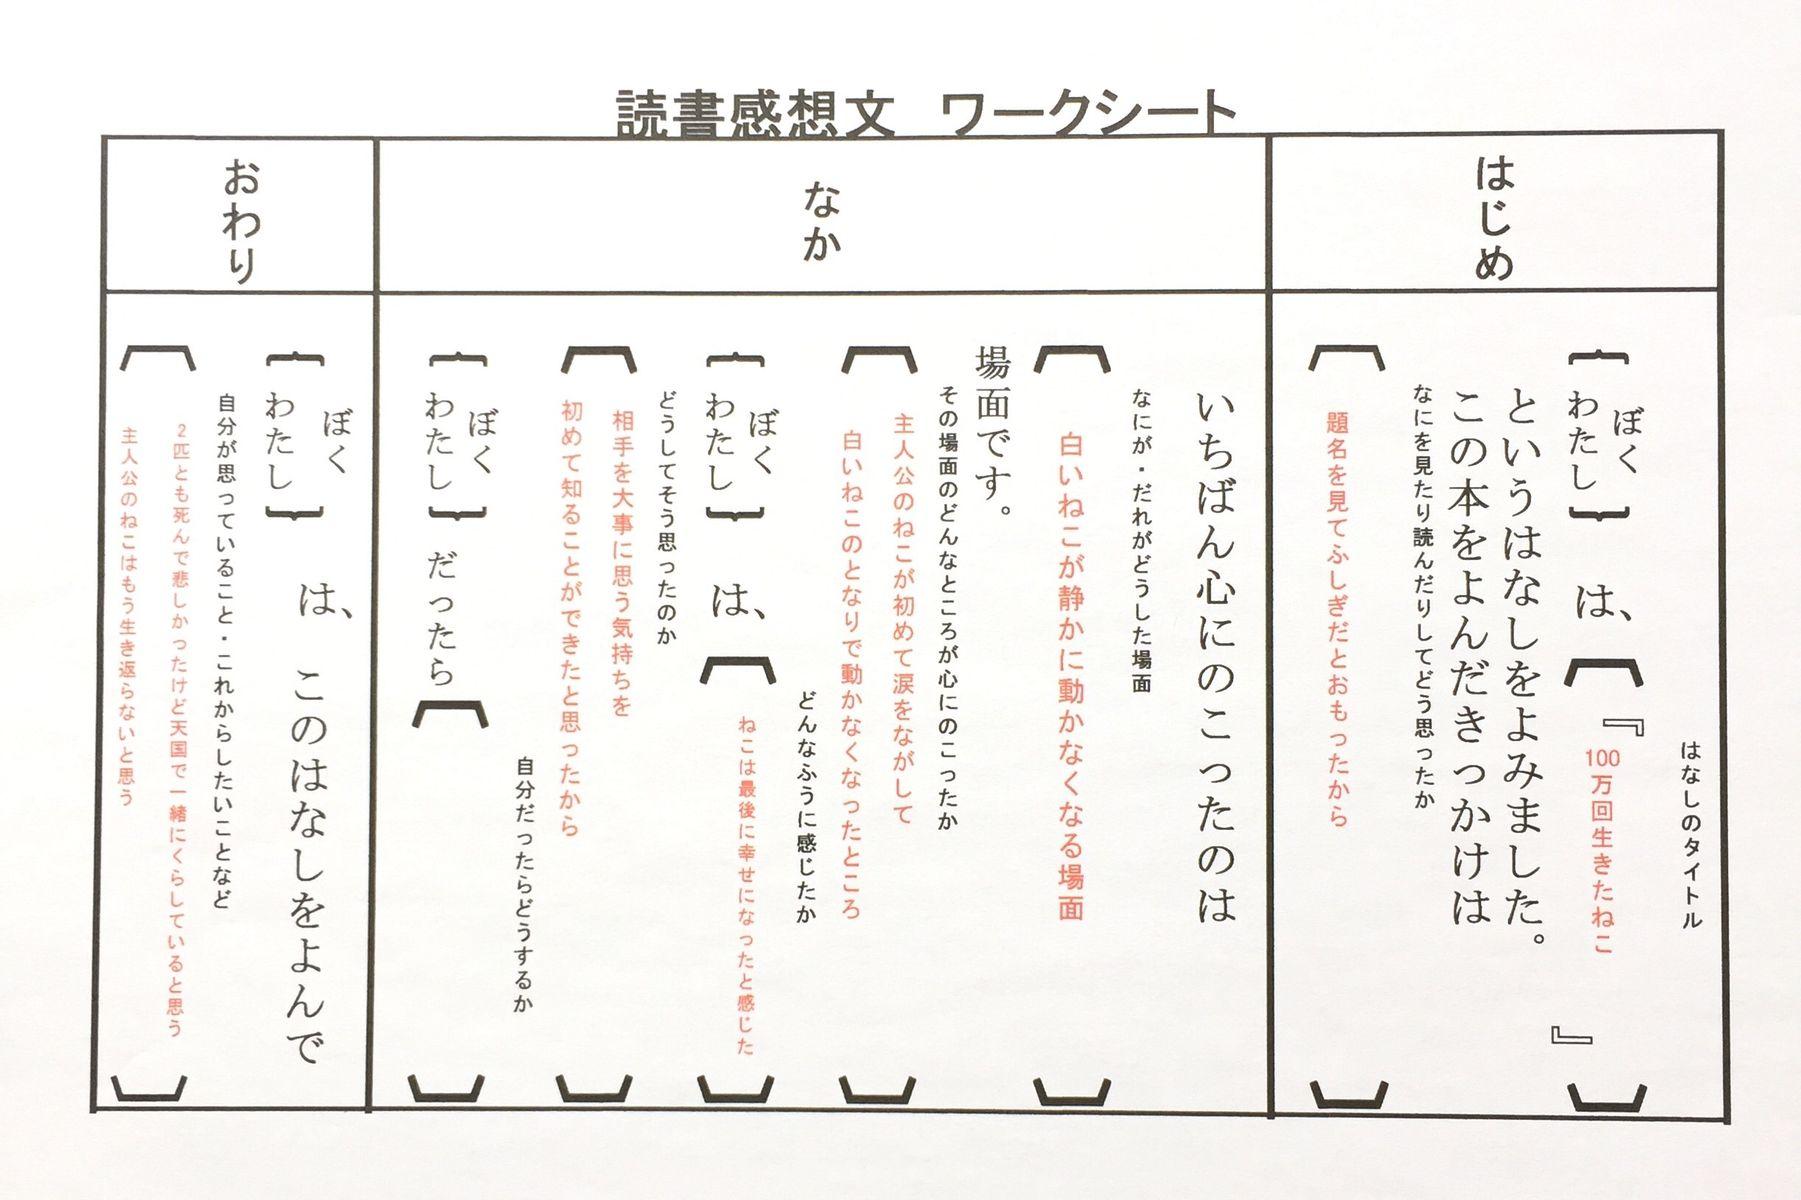 【テンプレ・例付き】読書感想文の書き方を4ス …